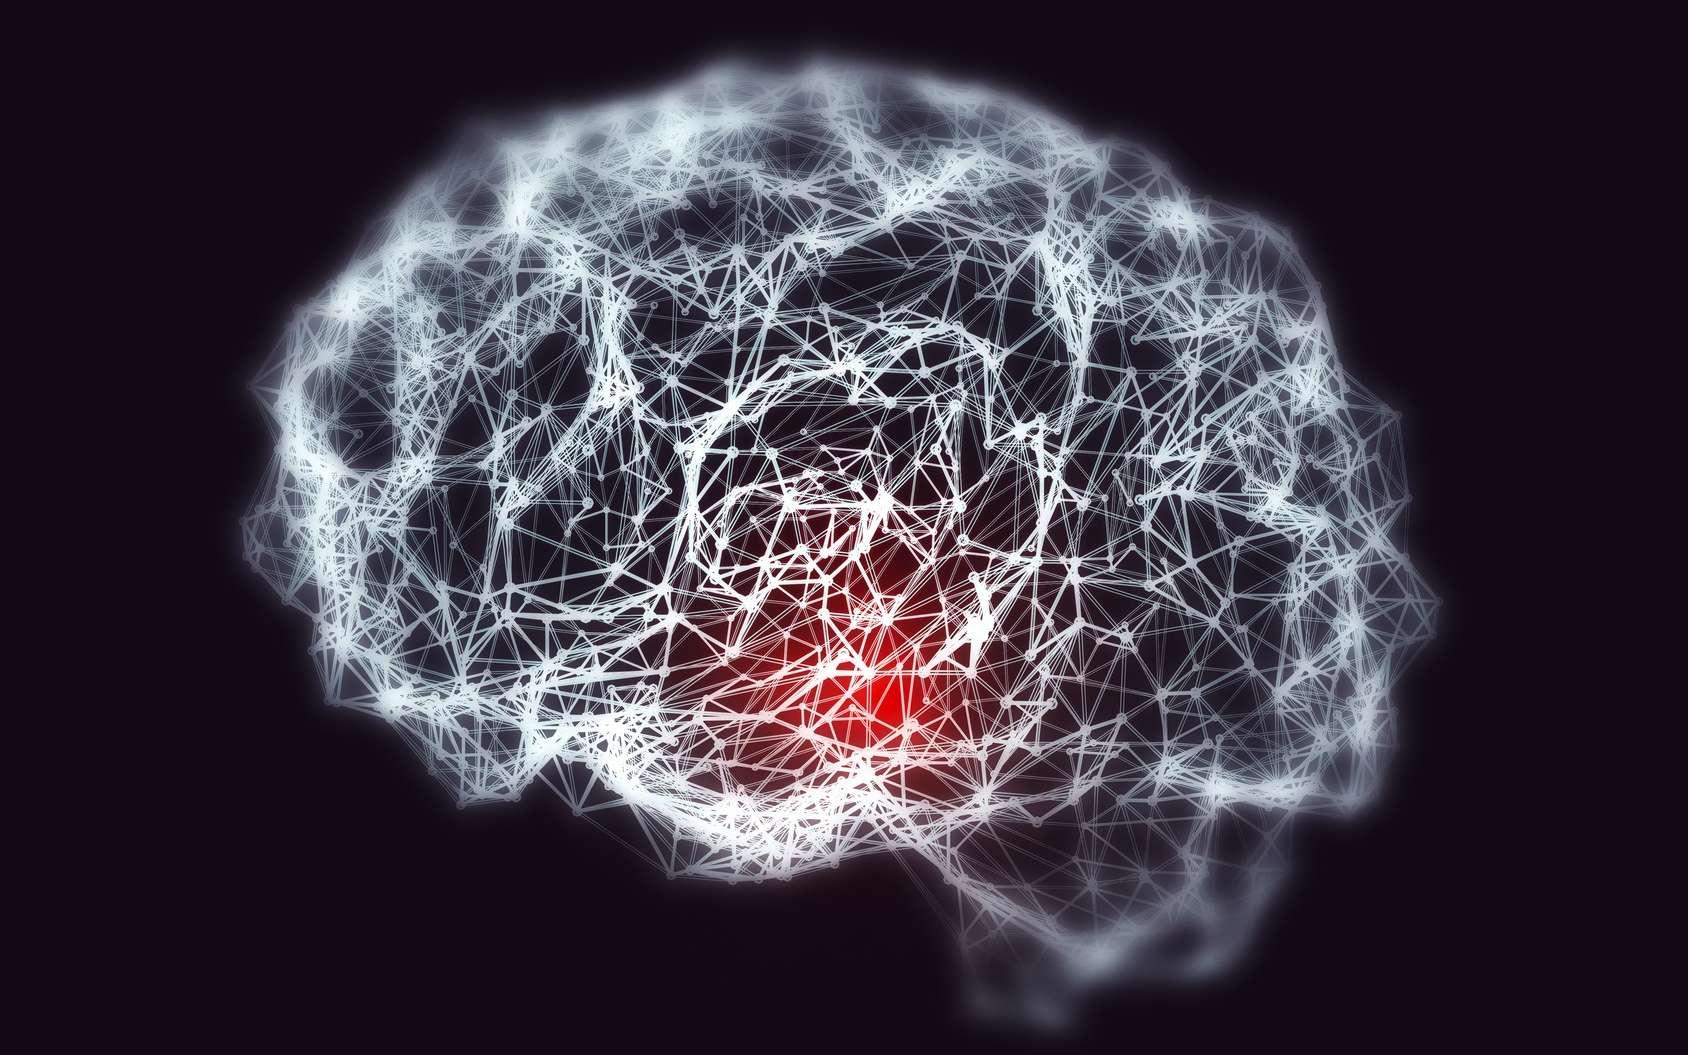 La maladie neurodégénérative d'Alzheimer n'a pas encore livré tous ses secrets. Des scientifiques de l'université de Mc Gill soulignent la part génétique de la maladie en étudiant le gène APOE ꜫ4. © Kateryna_Kon, Fotolia